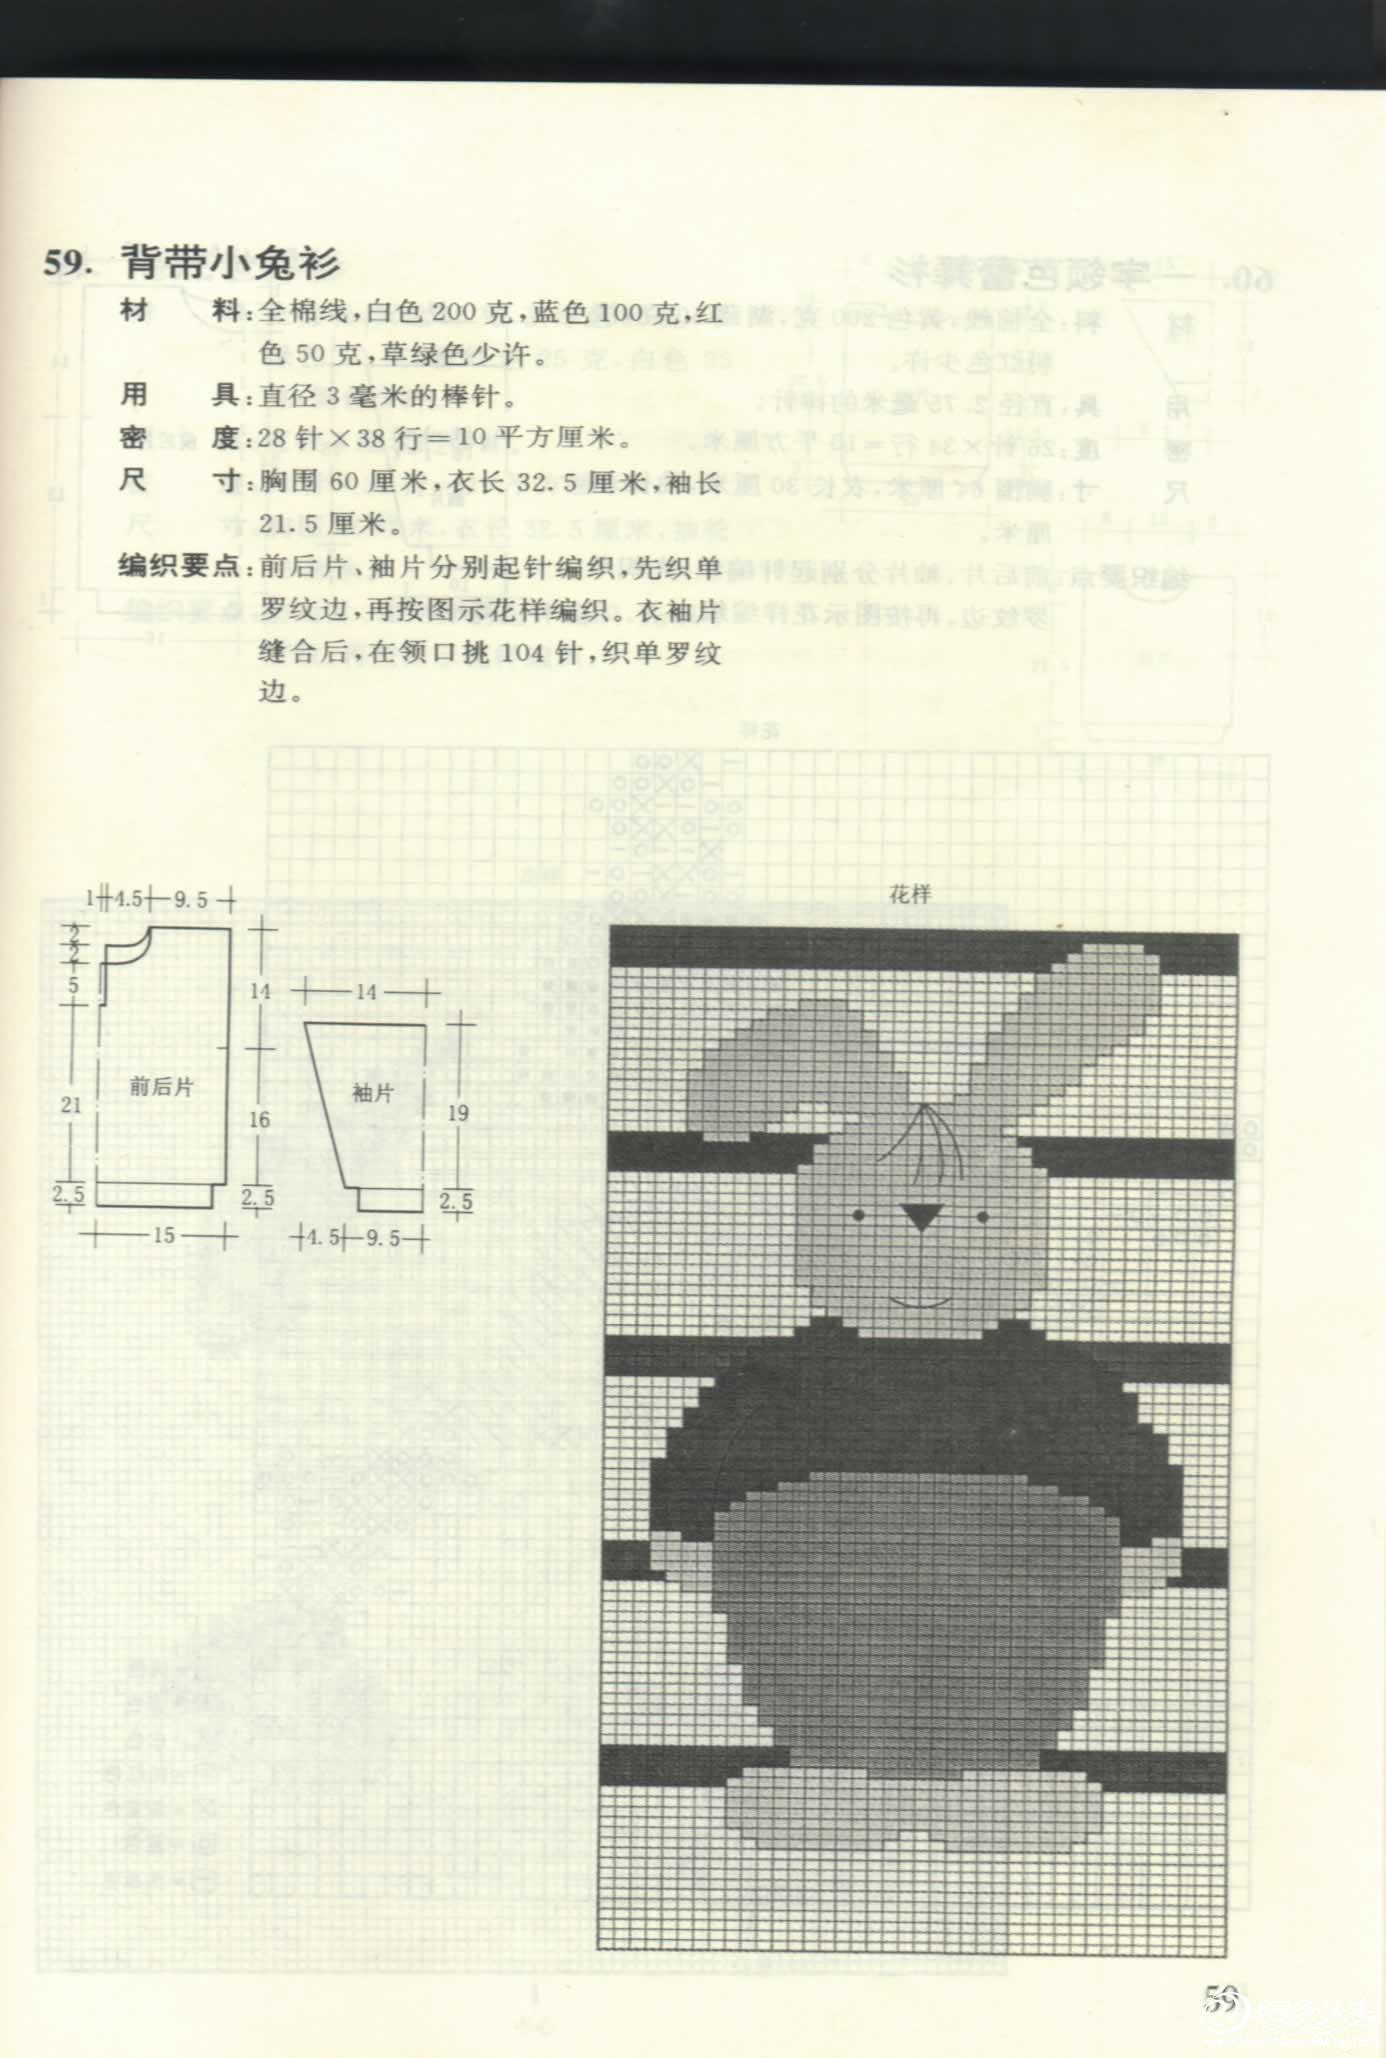 33_24800.jpg